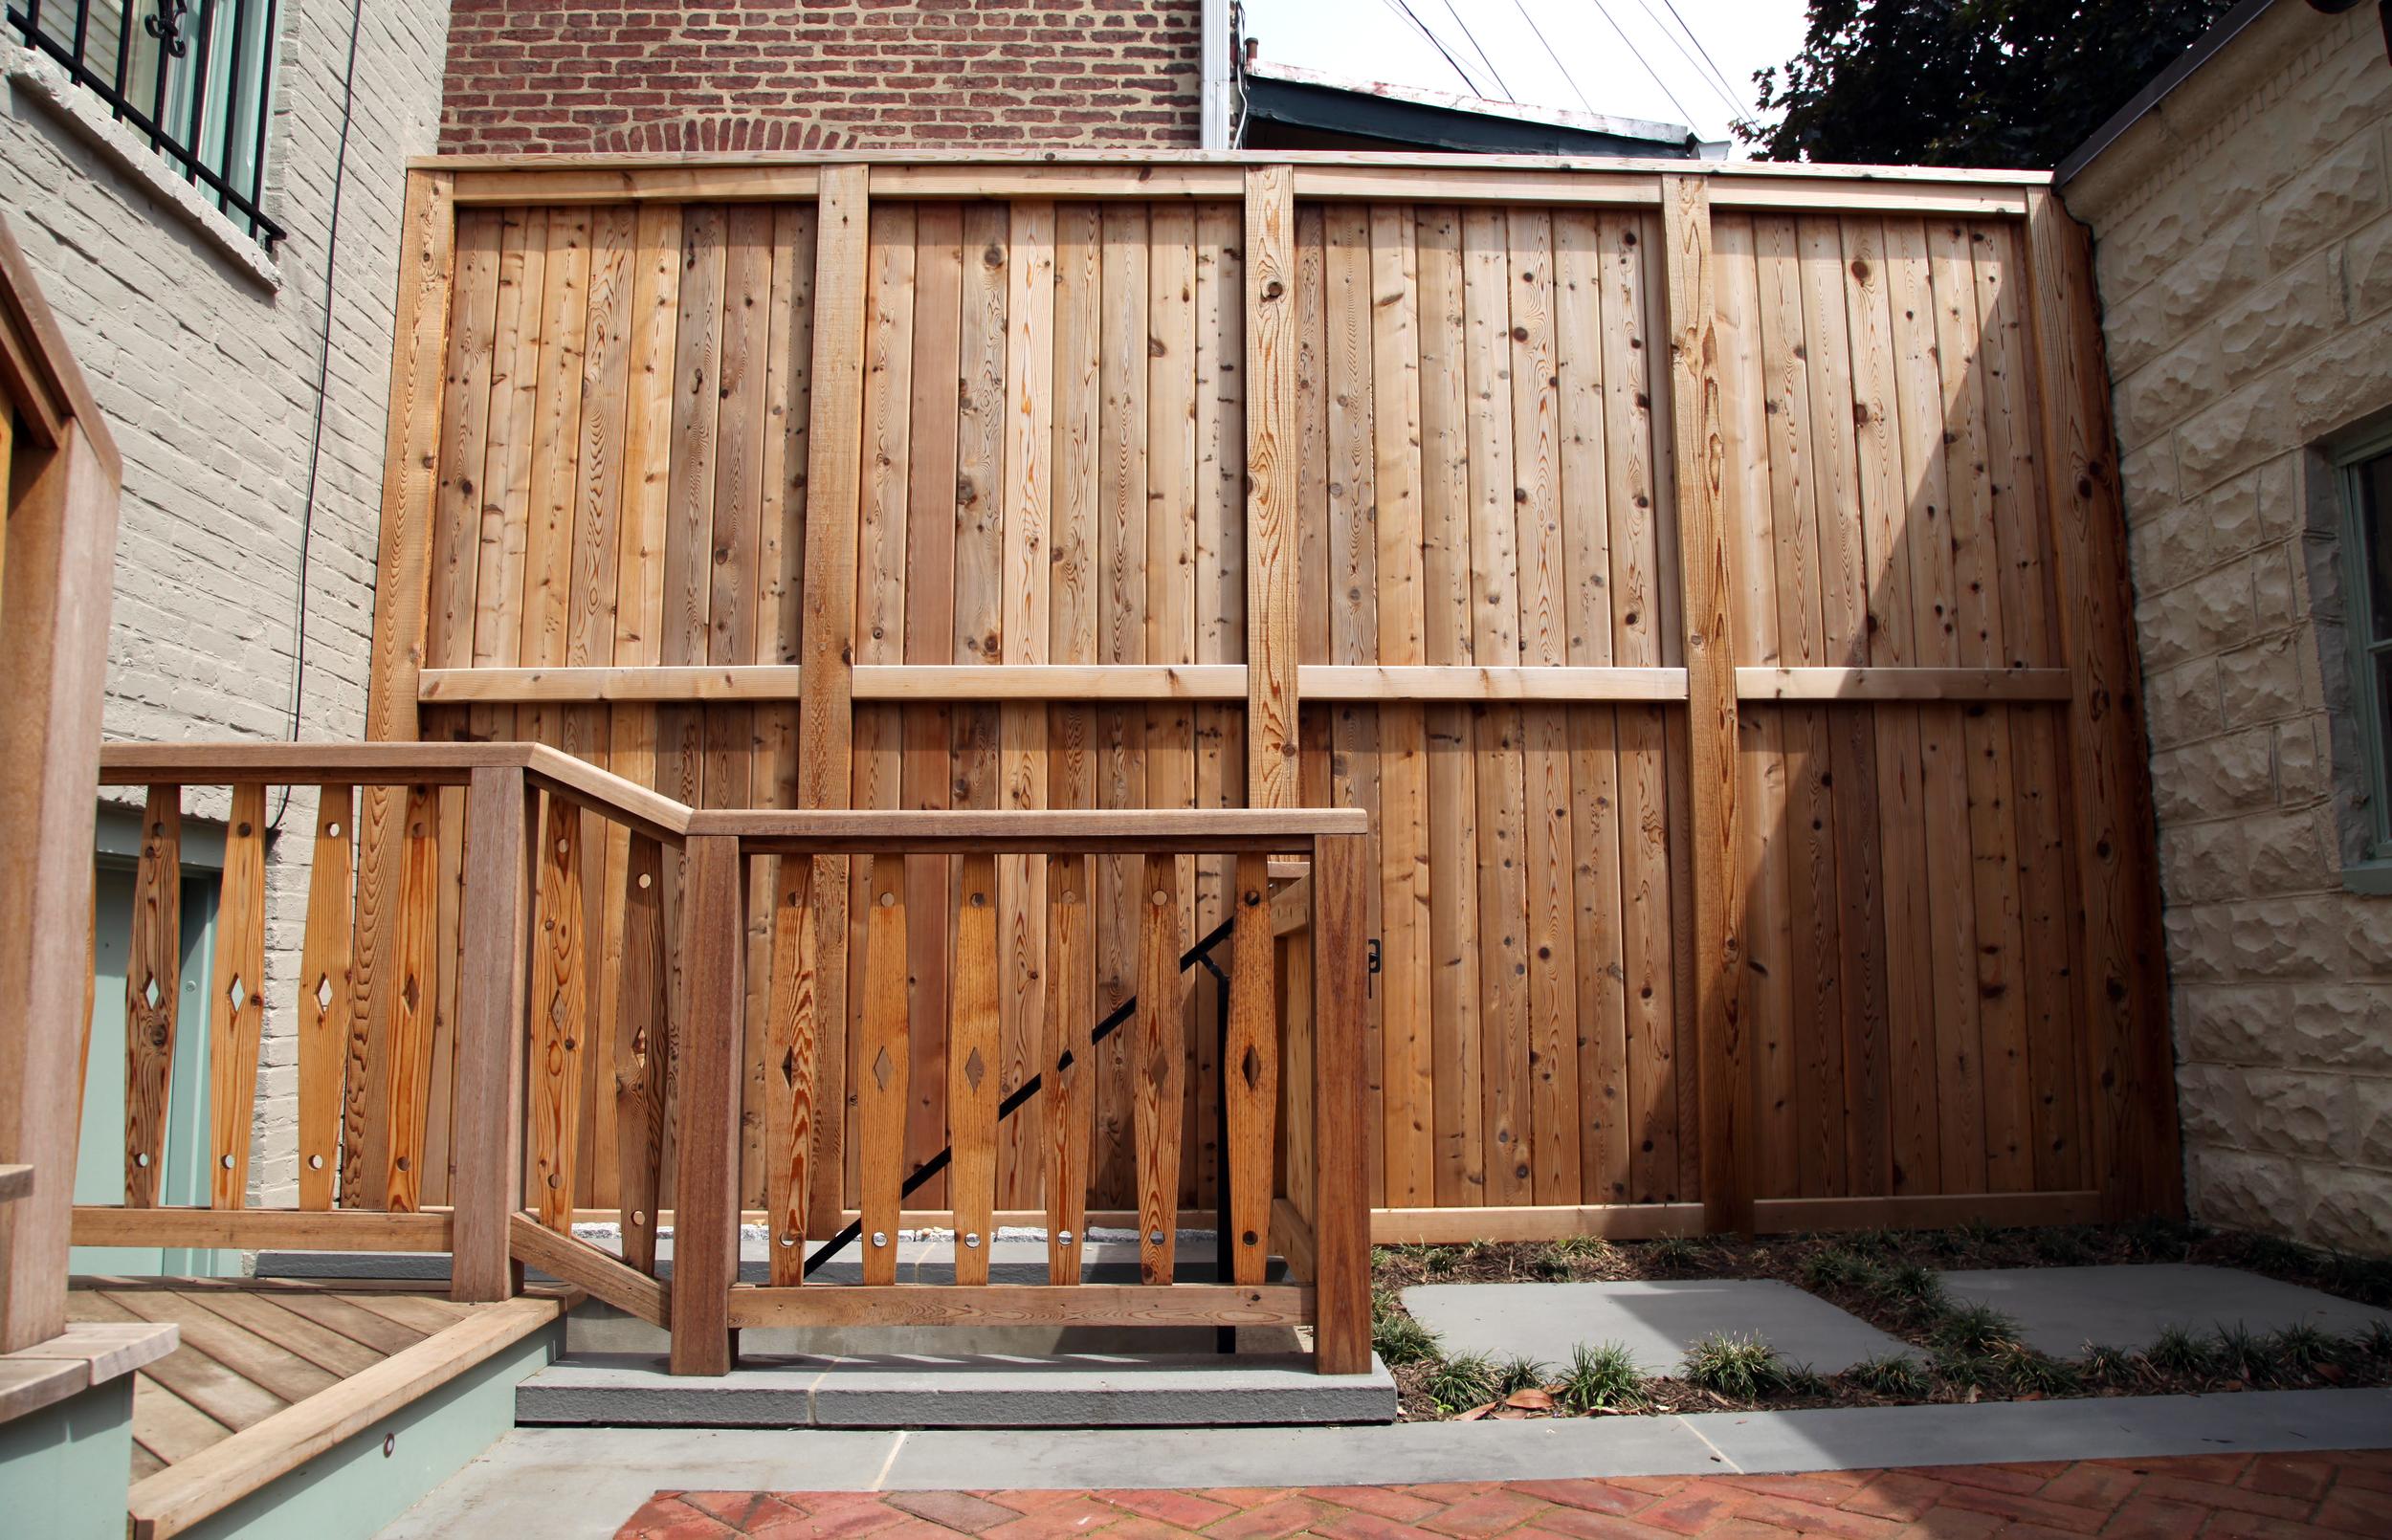 Serazin_tall fence.jpg